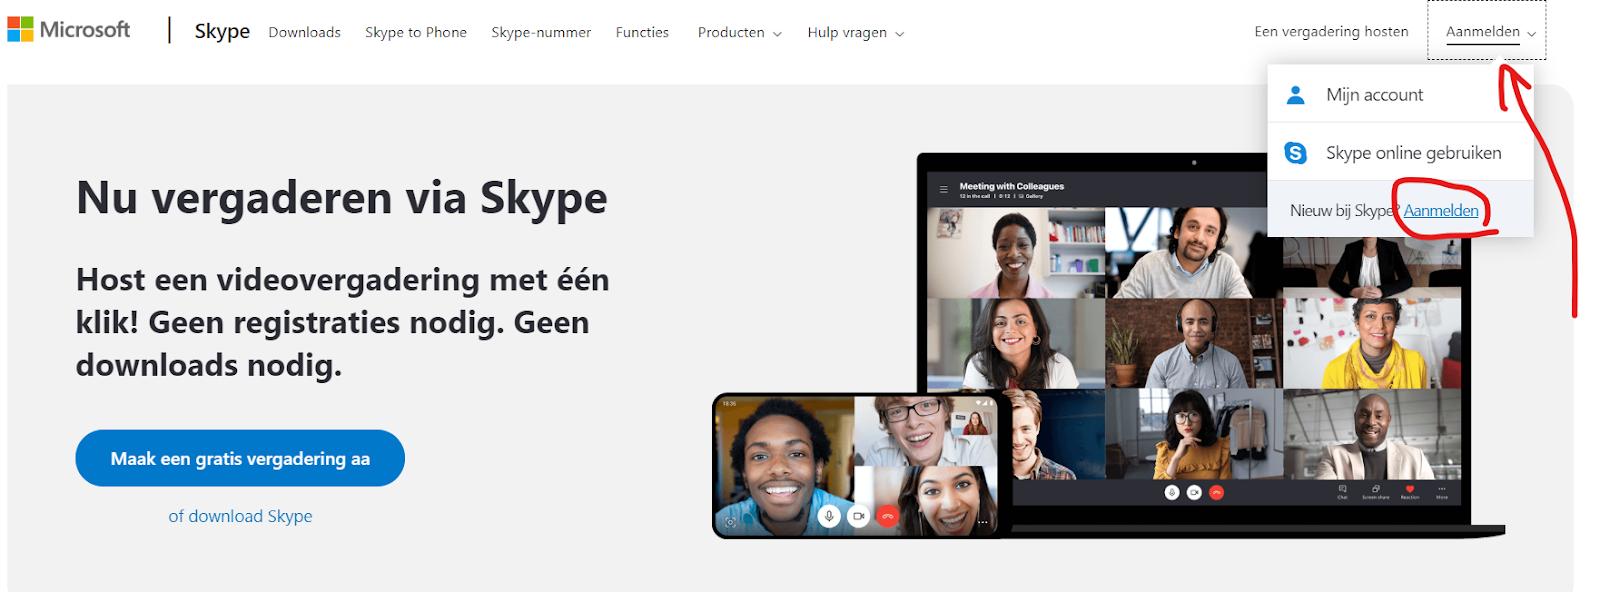 Hoe een skype account aanmaken en gebruiken in 5 stappen 1